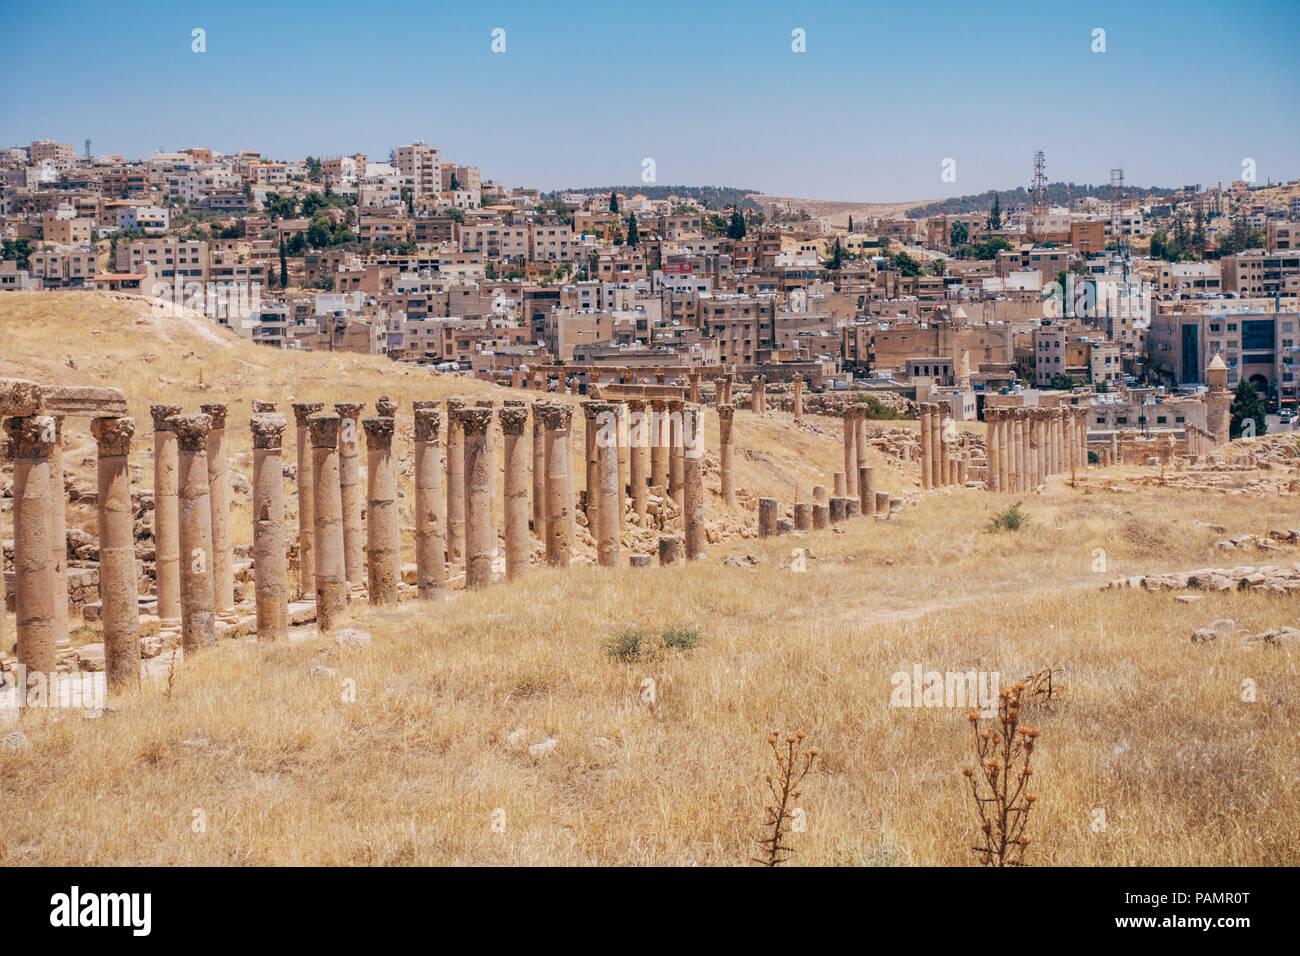 Ancienne cité Gréco ancienne ligne de colonnes rues pavées en été à Jerash, Jordanie Photo Stock